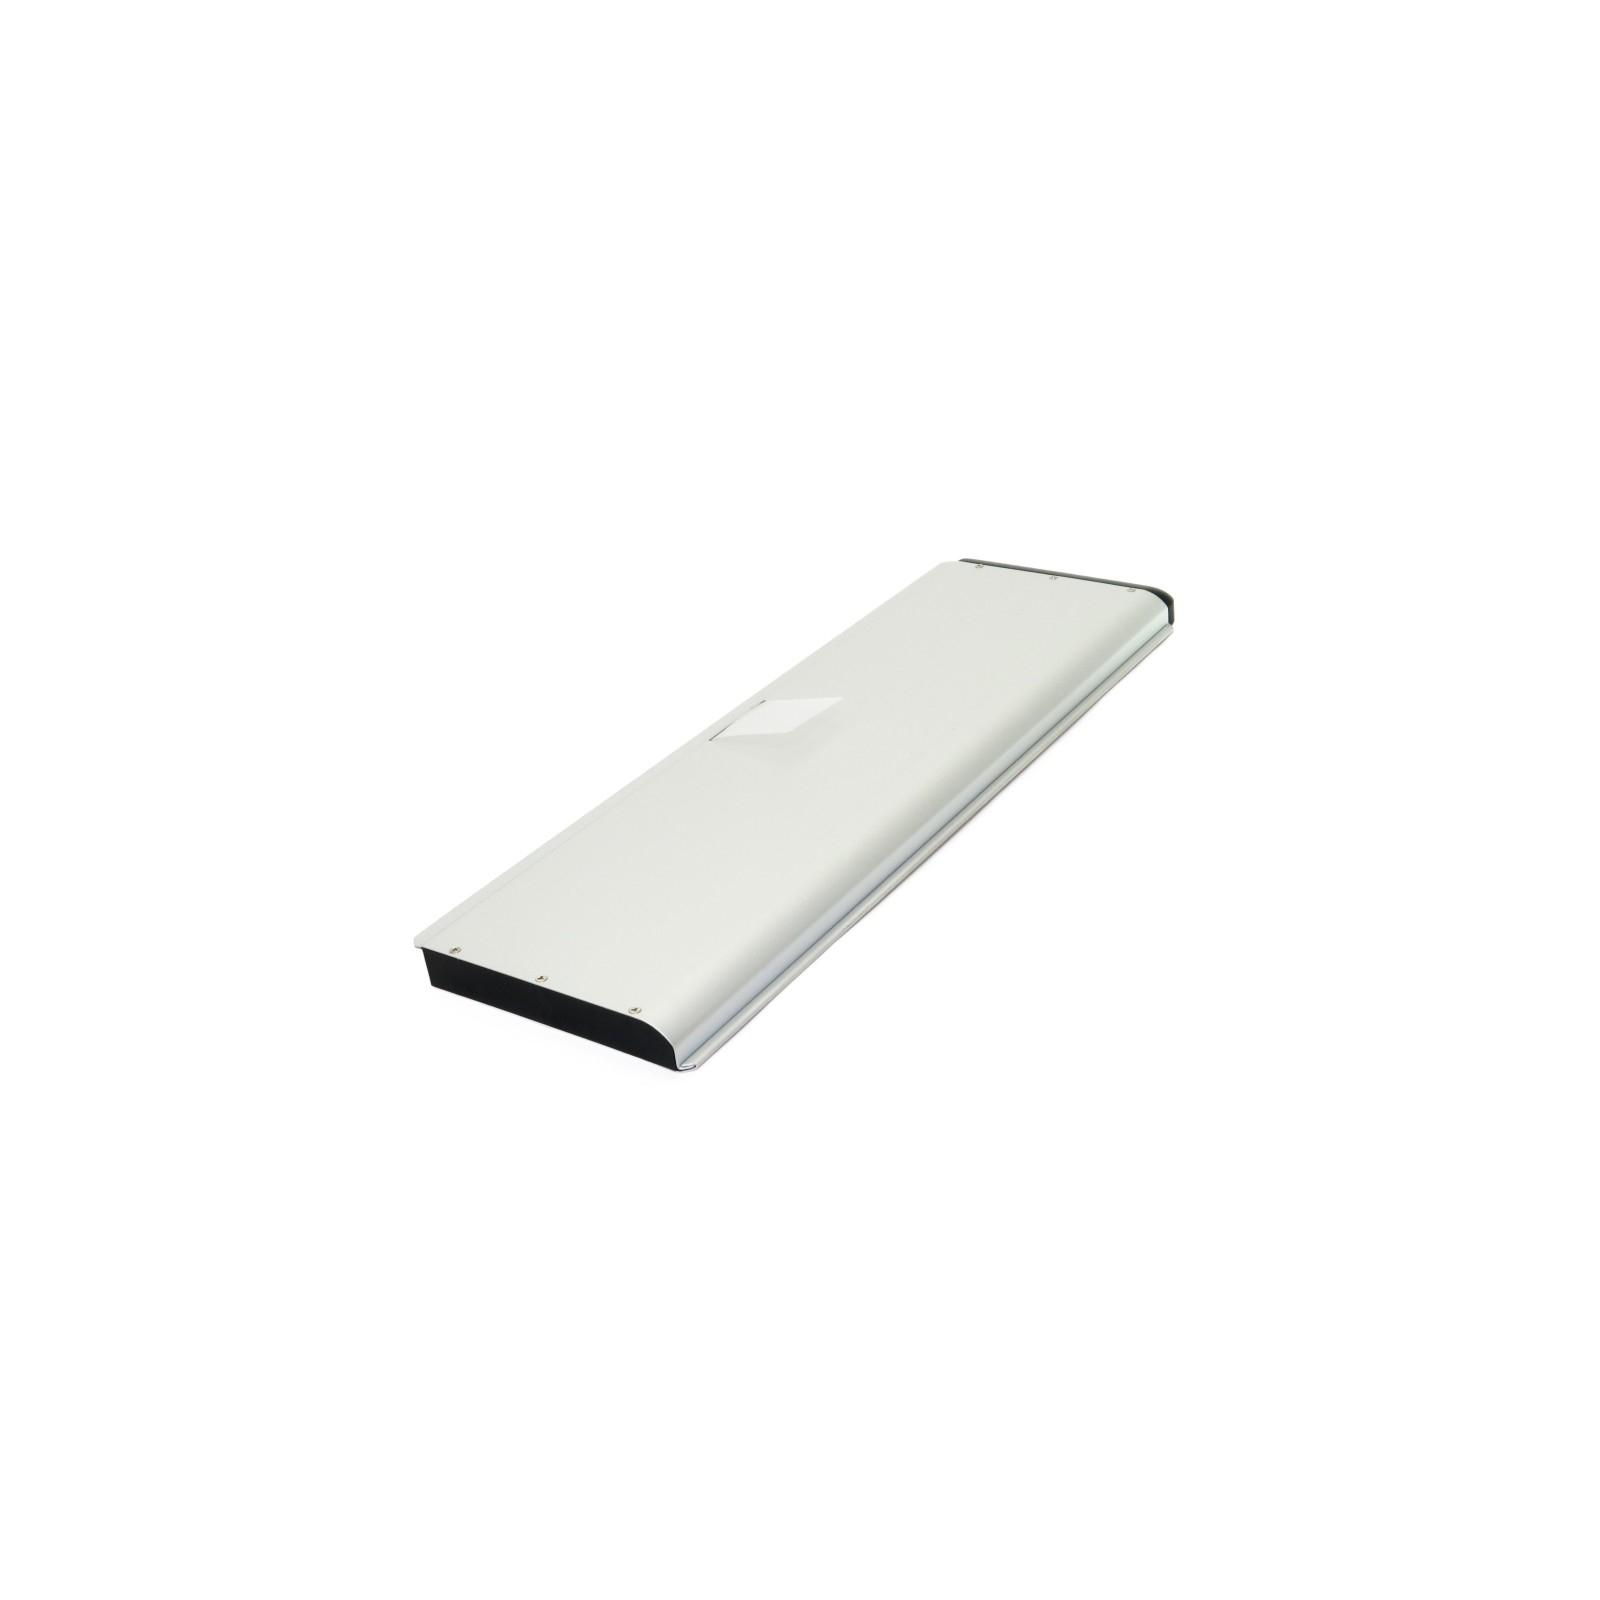 Аккумулятор для ноутбука APPLE A1281 (5400 mAh) EXTRADIGITAL (BNA3903) изображение 5